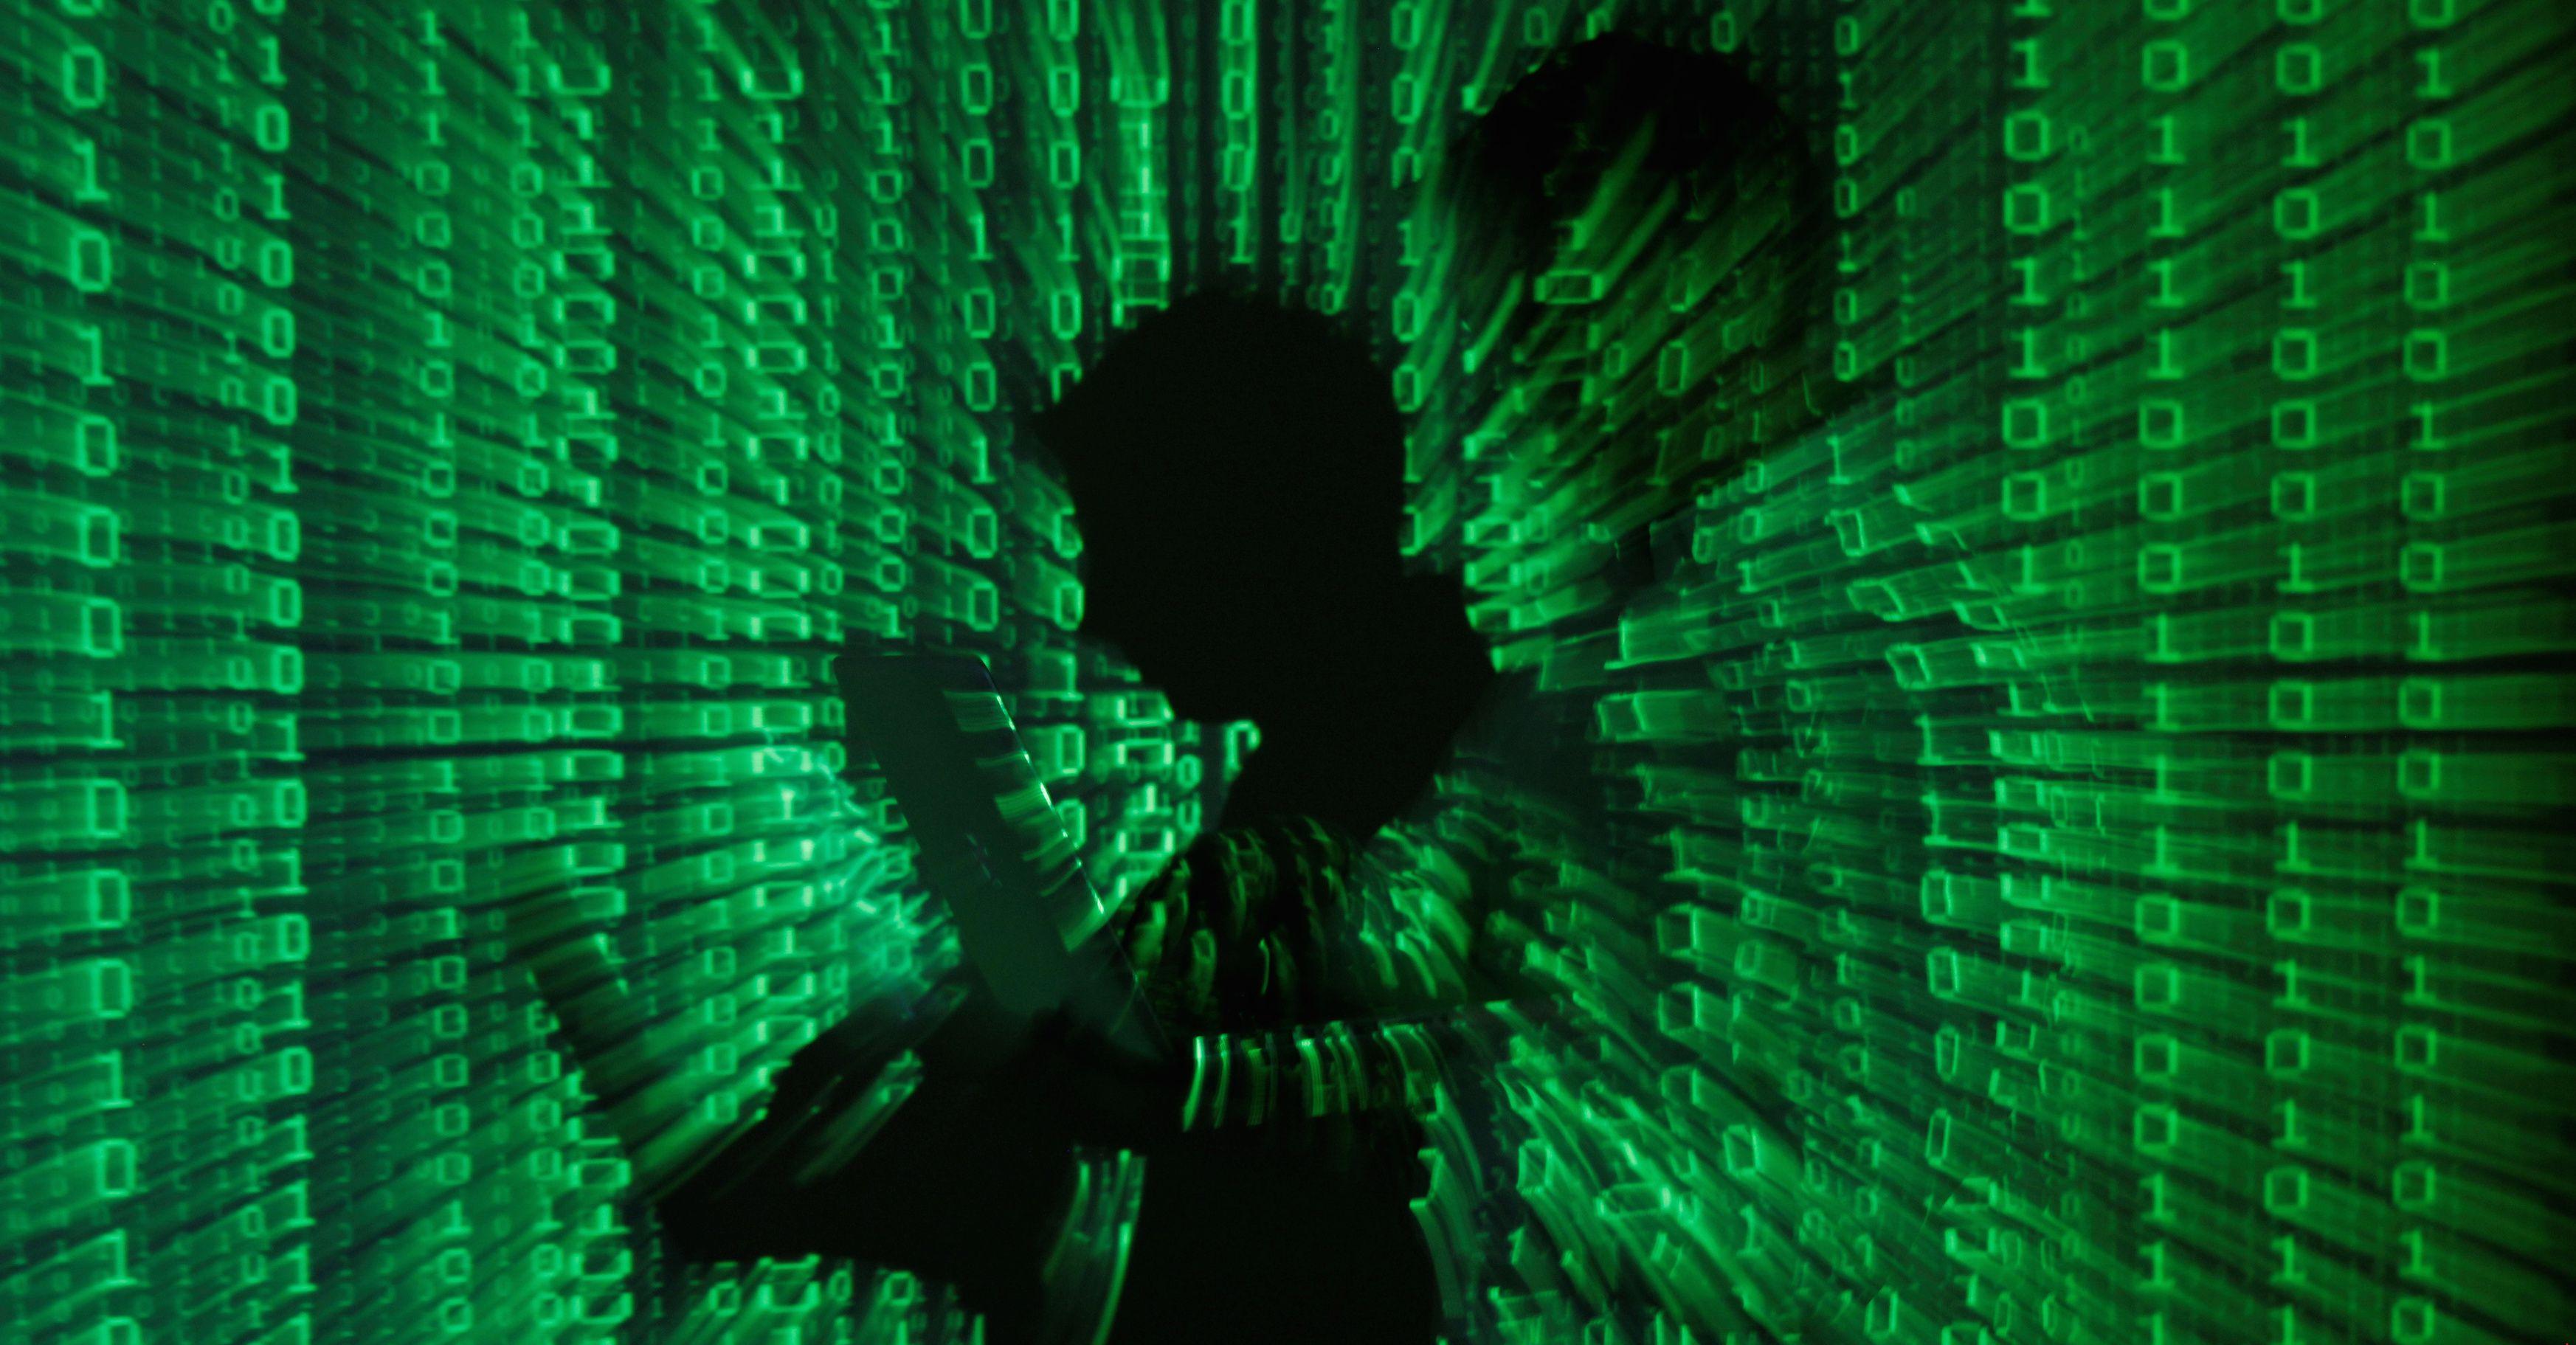 對美國發動襲擊的俄羅斯黑客 REvil 會發生什麼